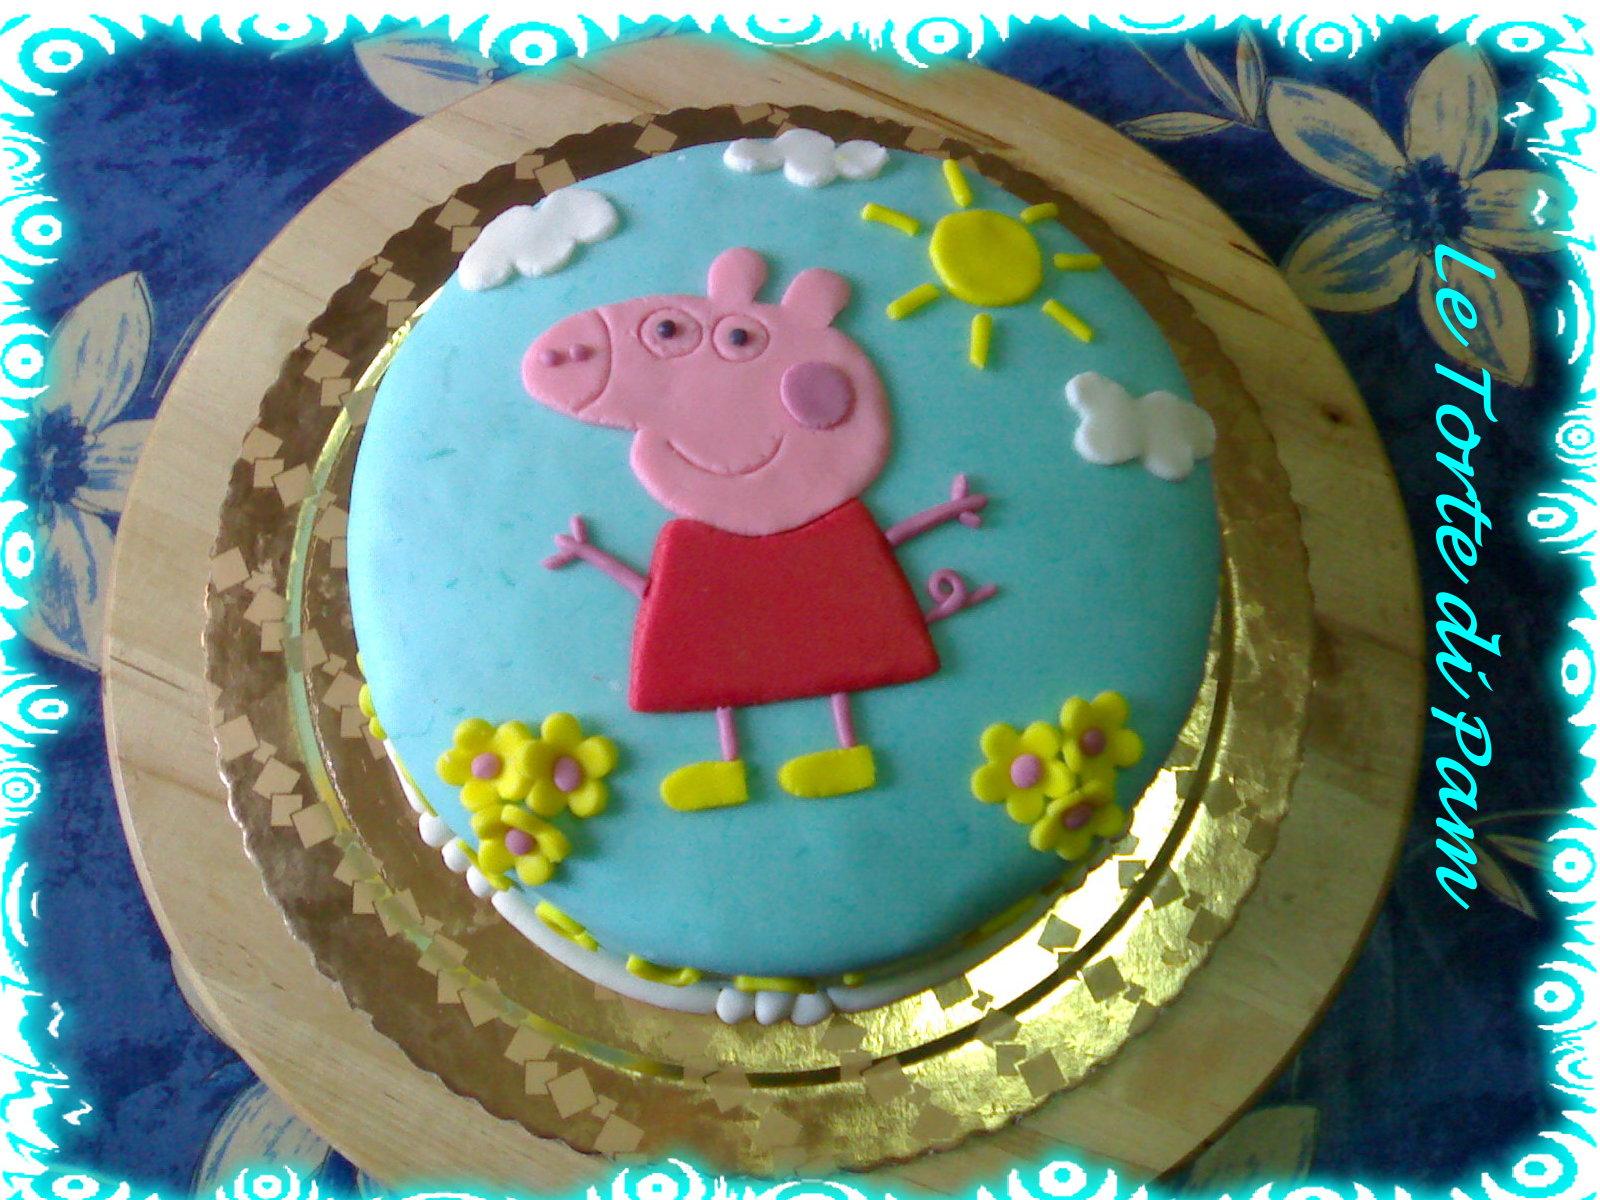 Детский торт своими руками. Торт со свинкой Пеппой 92